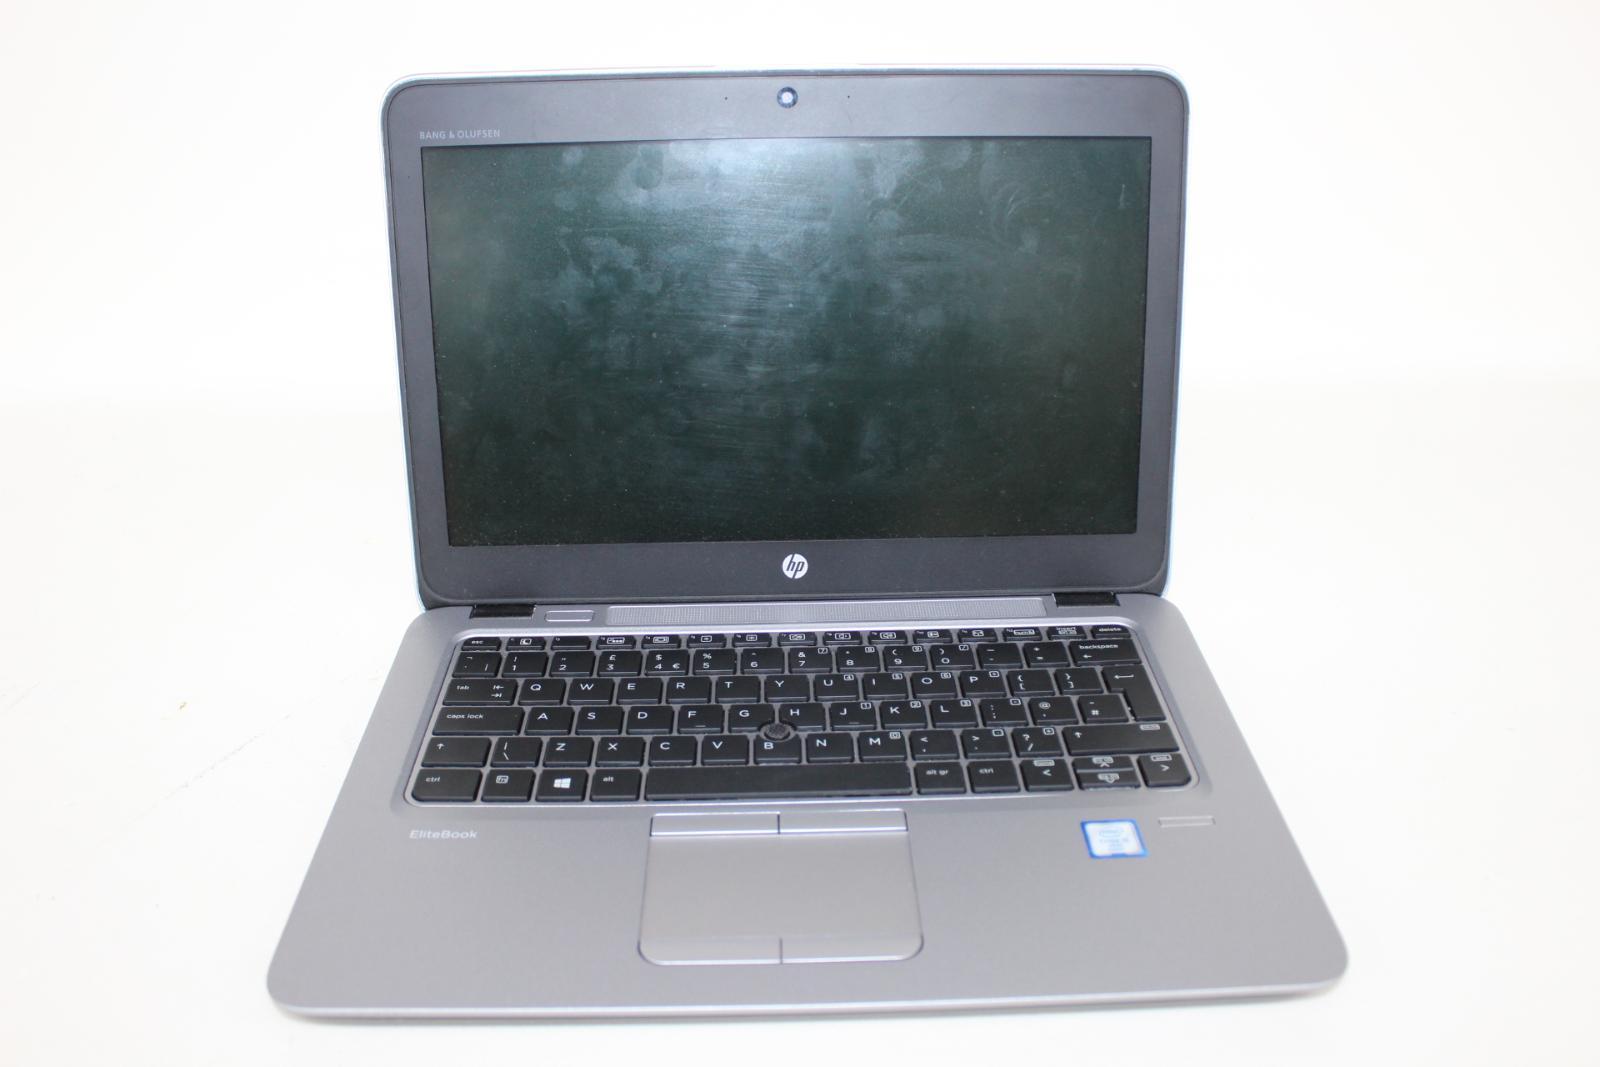 HP-Elite-Book-820-G3-IntelCore-i5-vPro-sans-disque-dur-RAM-Ordinateur-Portable-Ultrabook-Ordinateur miniature 11